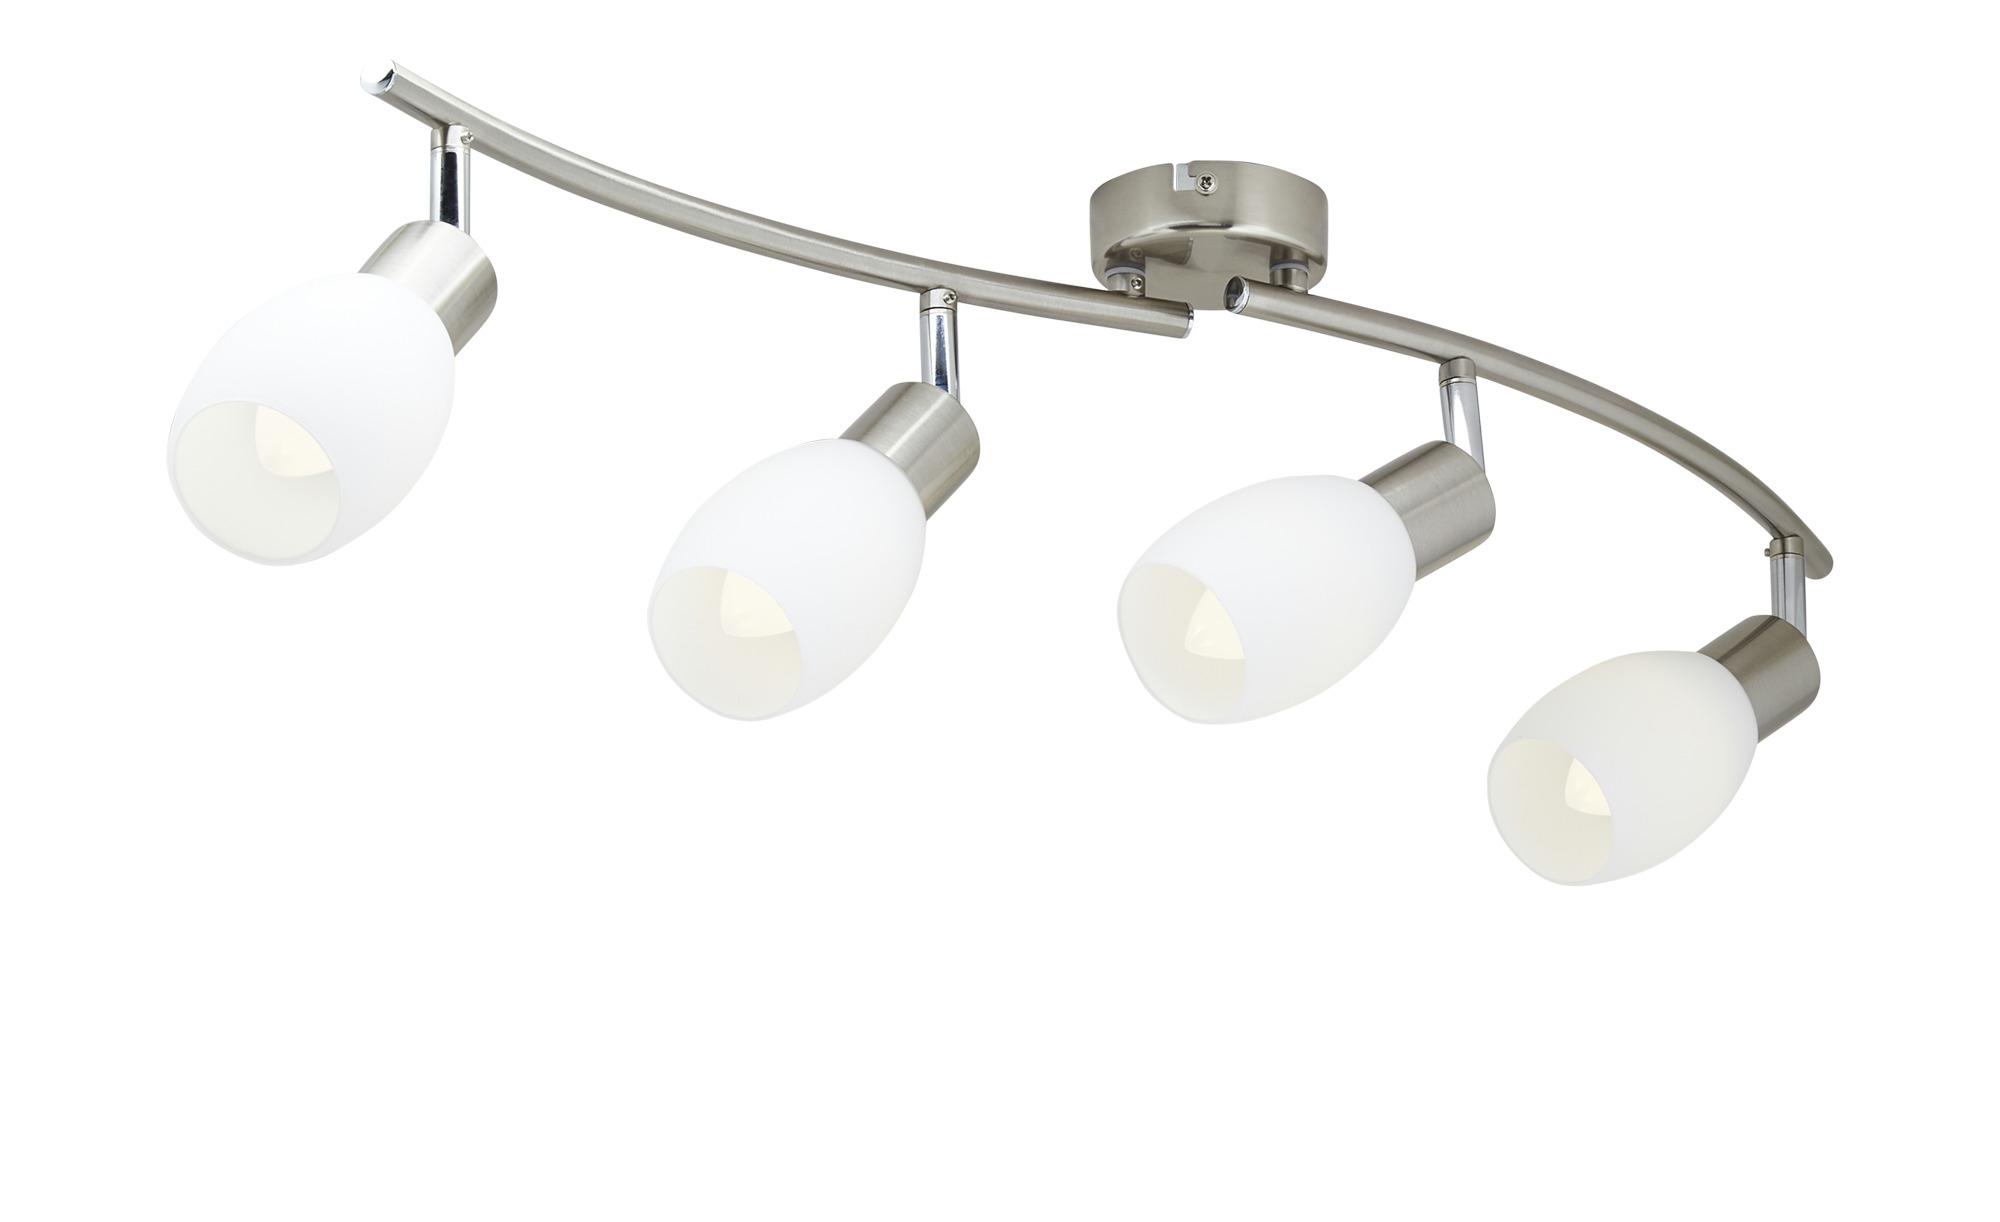 LED-Deckenstrahler, 4-flammig, Glas ¦ silber Lampen & Leuchten > LED-Leuchten > LED-Strahler & Spots - Höffner